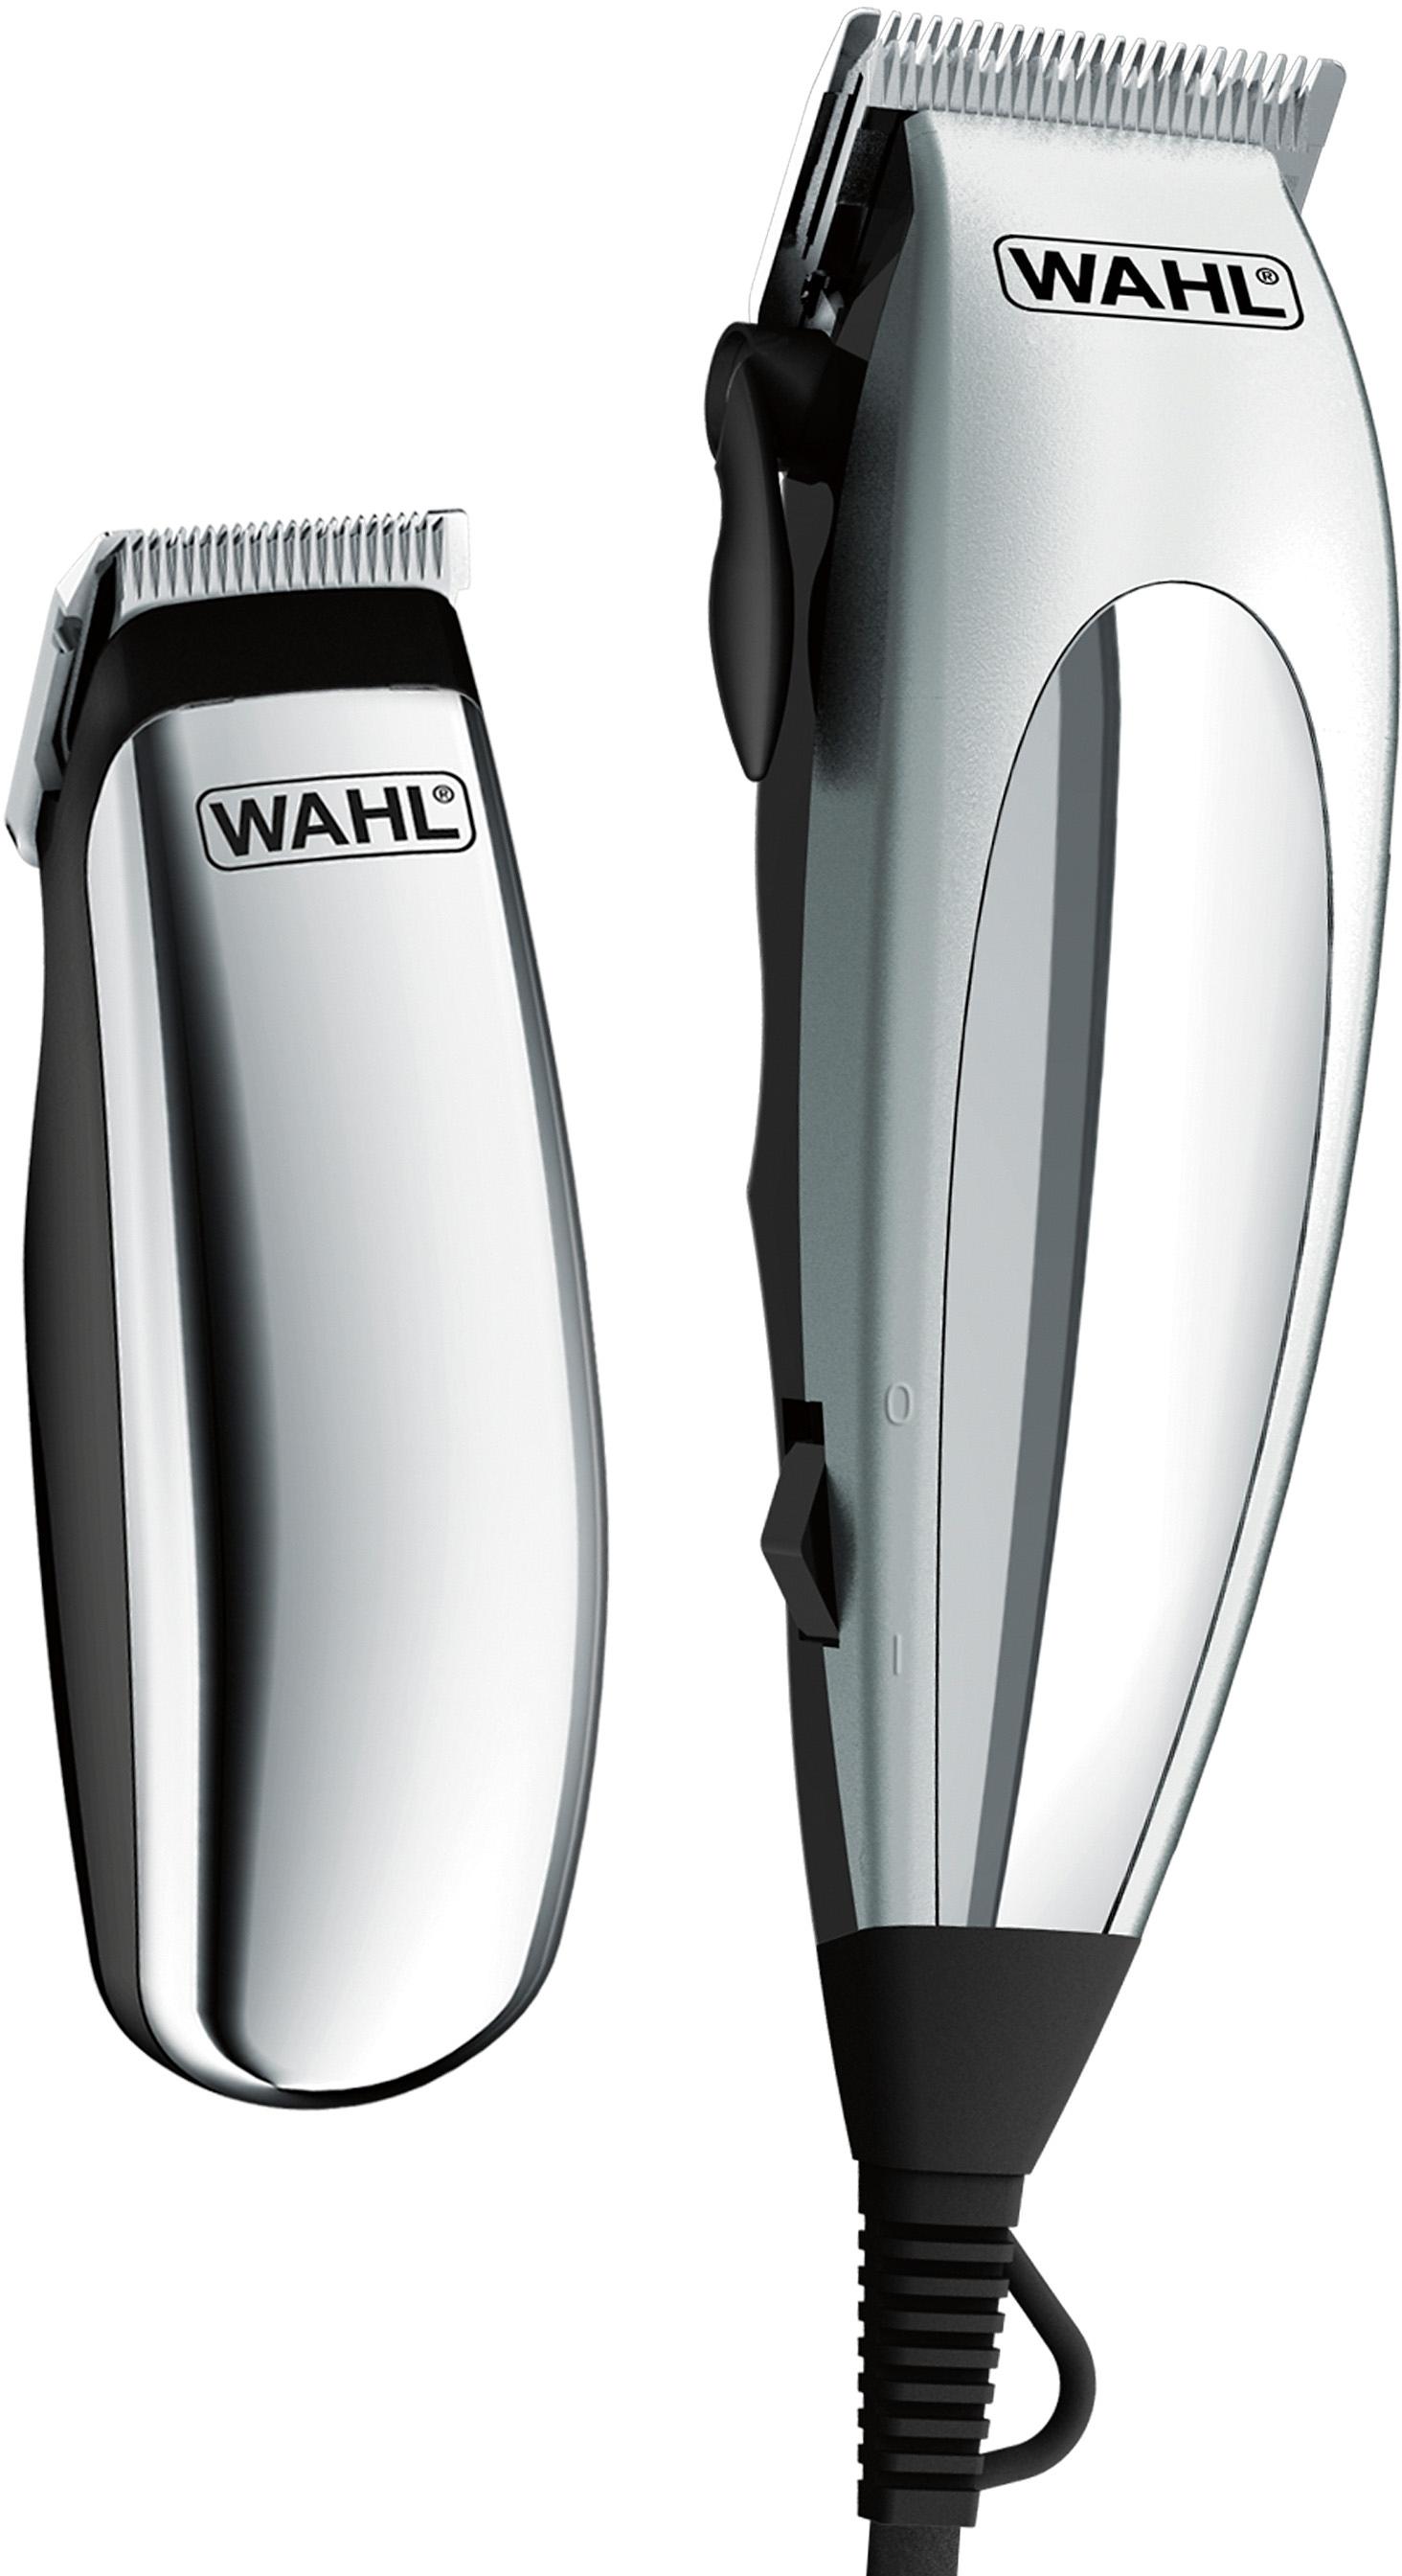 Wahl tondeuse 79305-1316, met mini-trimmer nu online kopen bij OTTO